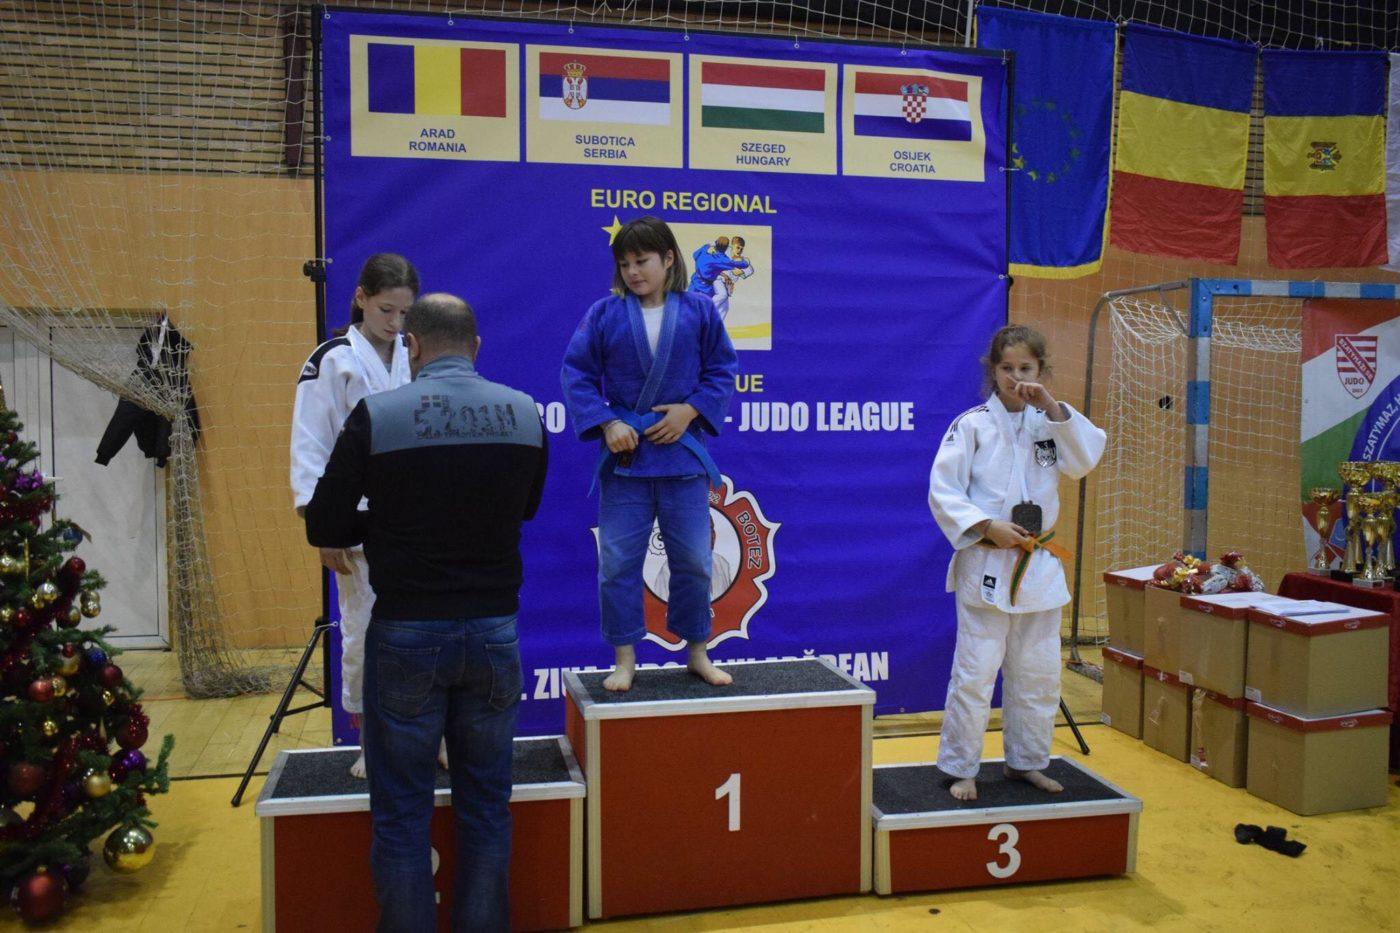 Nemzetközi porondon a judo megyei versenyzői